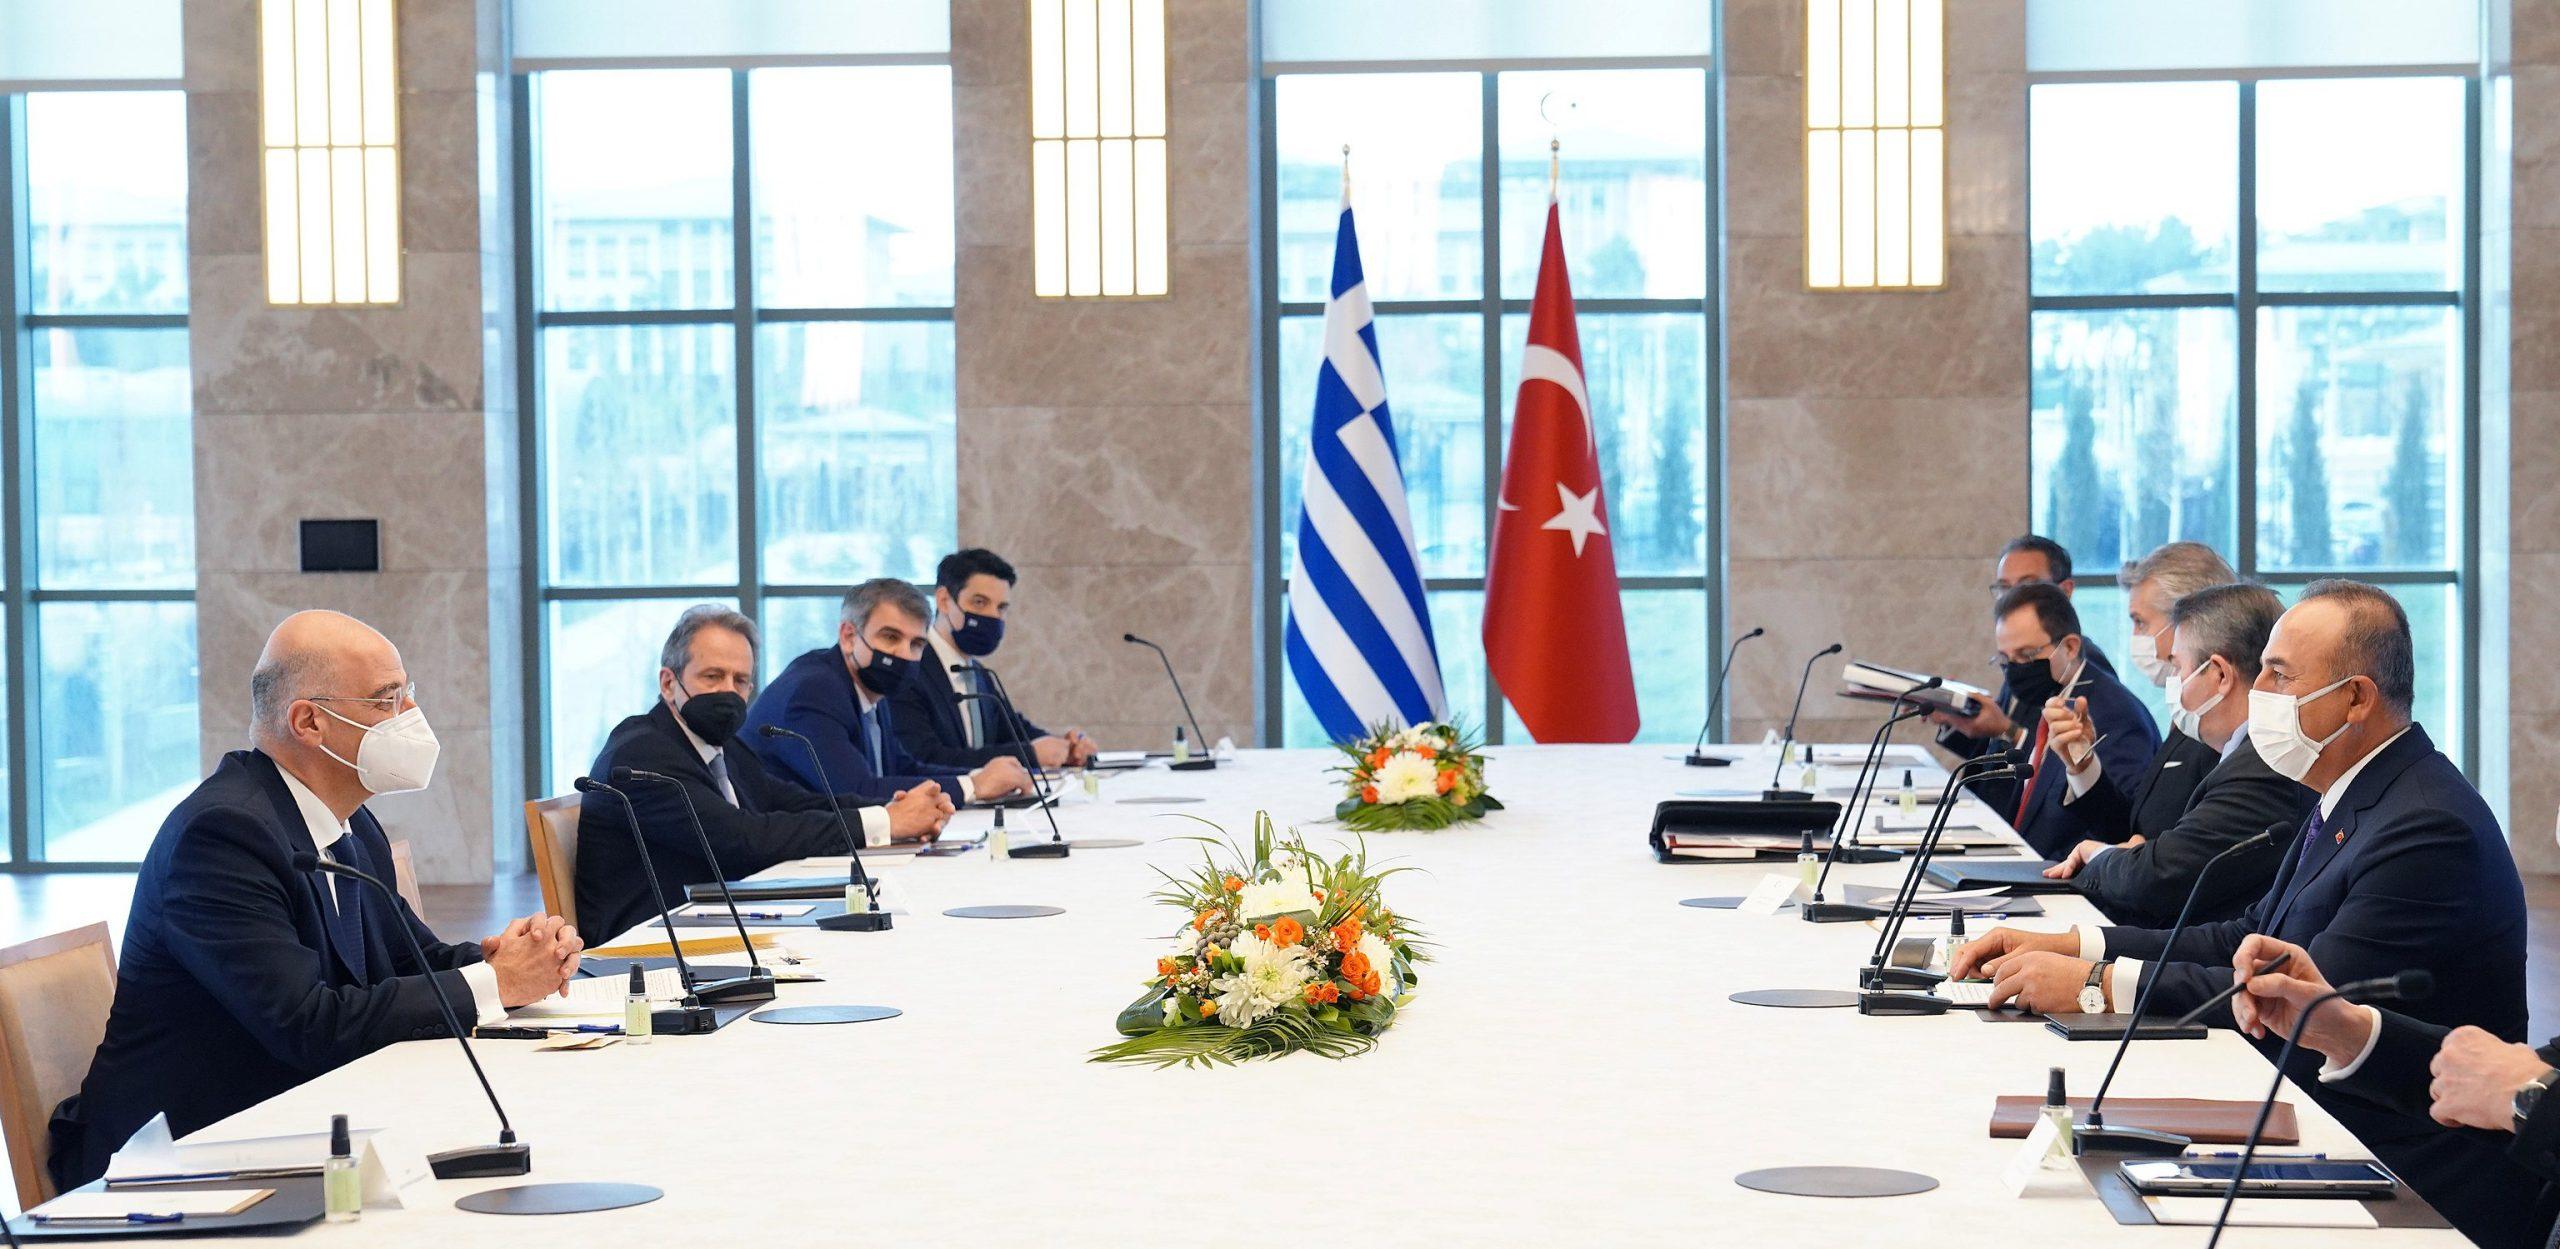 Τι συζητείται με Άγκυρα μέχρι τη σύνοδο ΝΑΤΟ